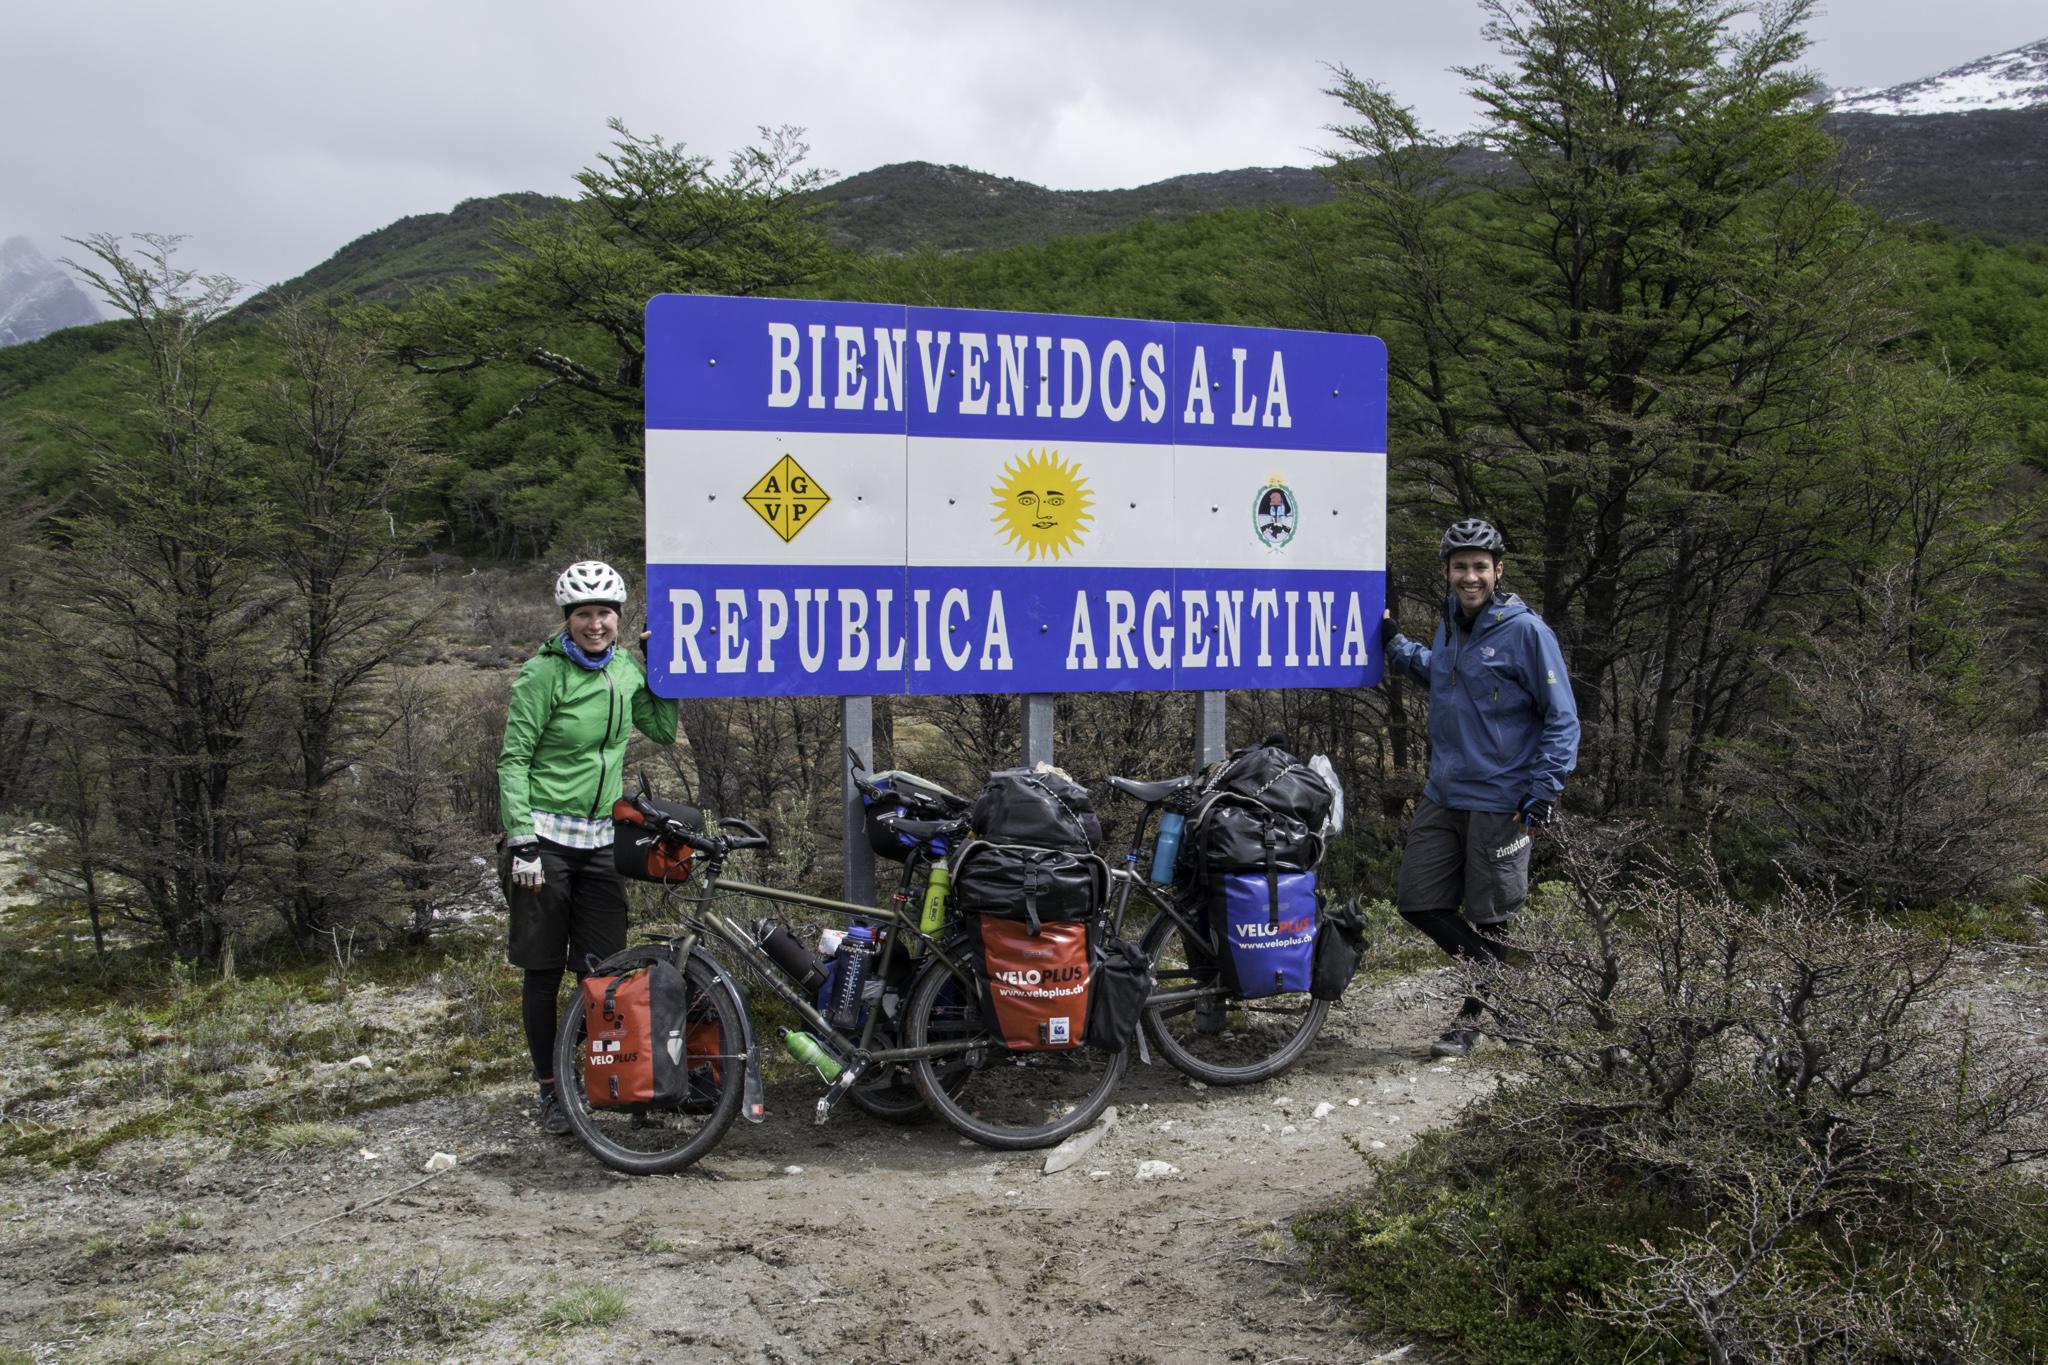 Willkommen in Argentinien